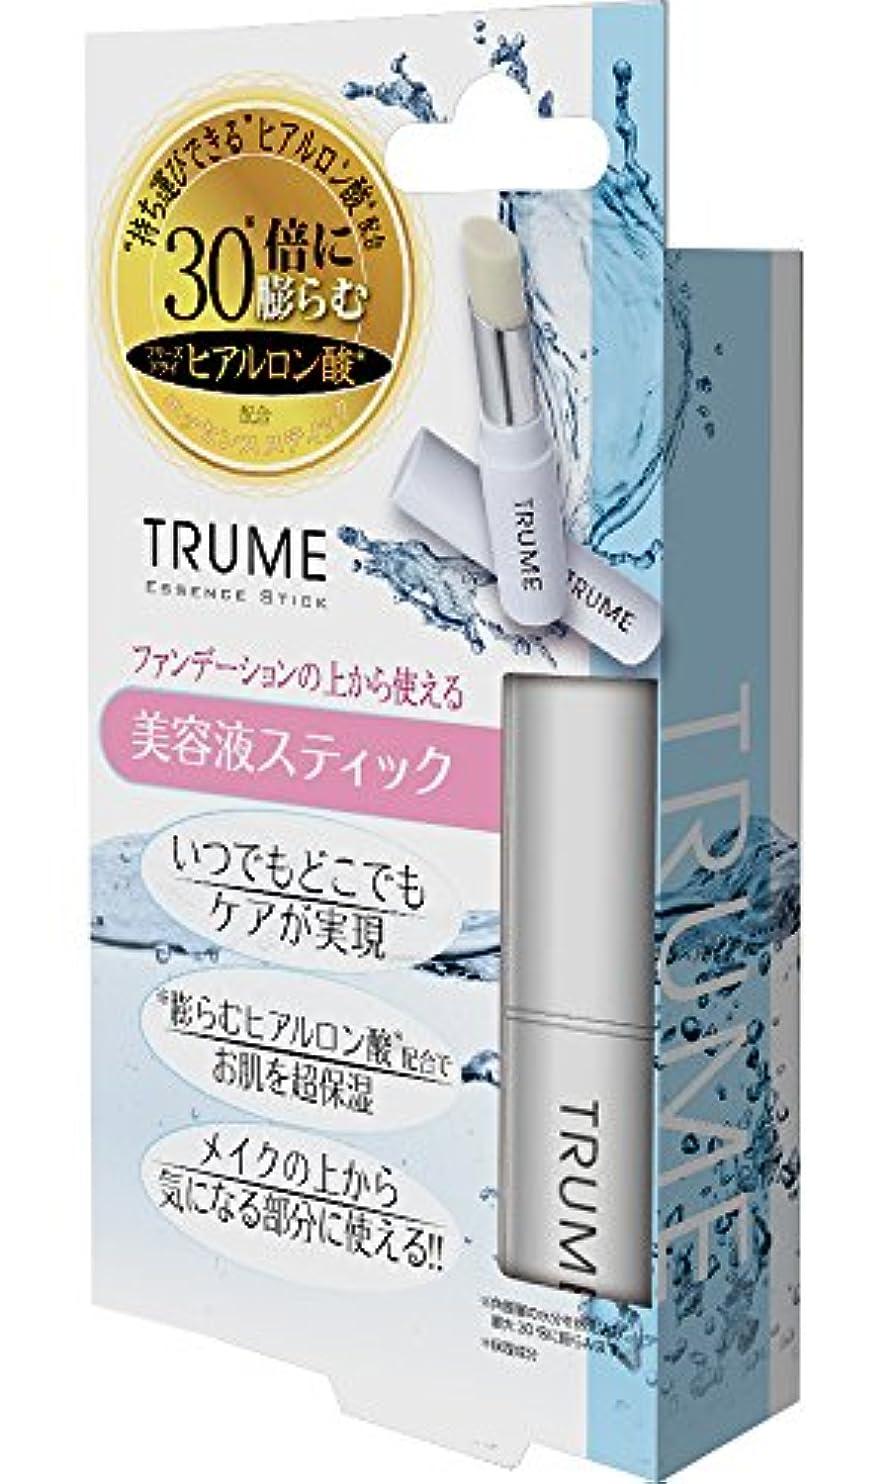 酒グリース落ち着くTRUME(トゥルーミー)エッセンススティック 4.2g